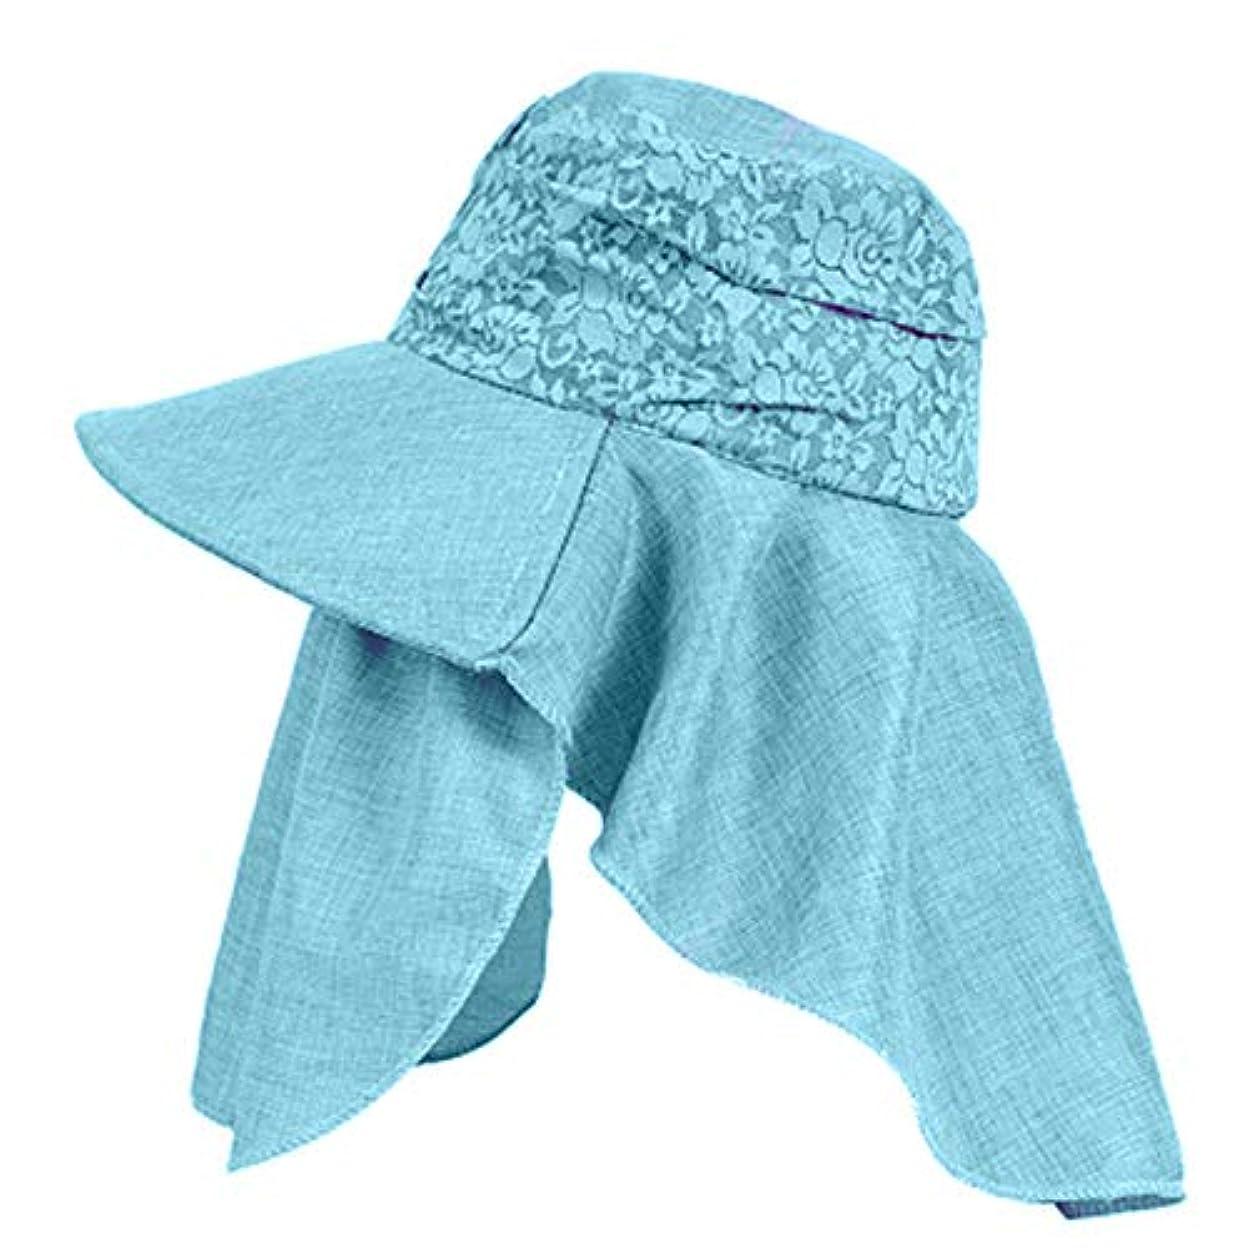 トリプル形式振幅Merssavo 女性の夏の日曜日の帽子、バイザーカバーの表面の反紫色のライン旅行日曜日の帽子、ガーデニング、ハイキング、旅行、1#